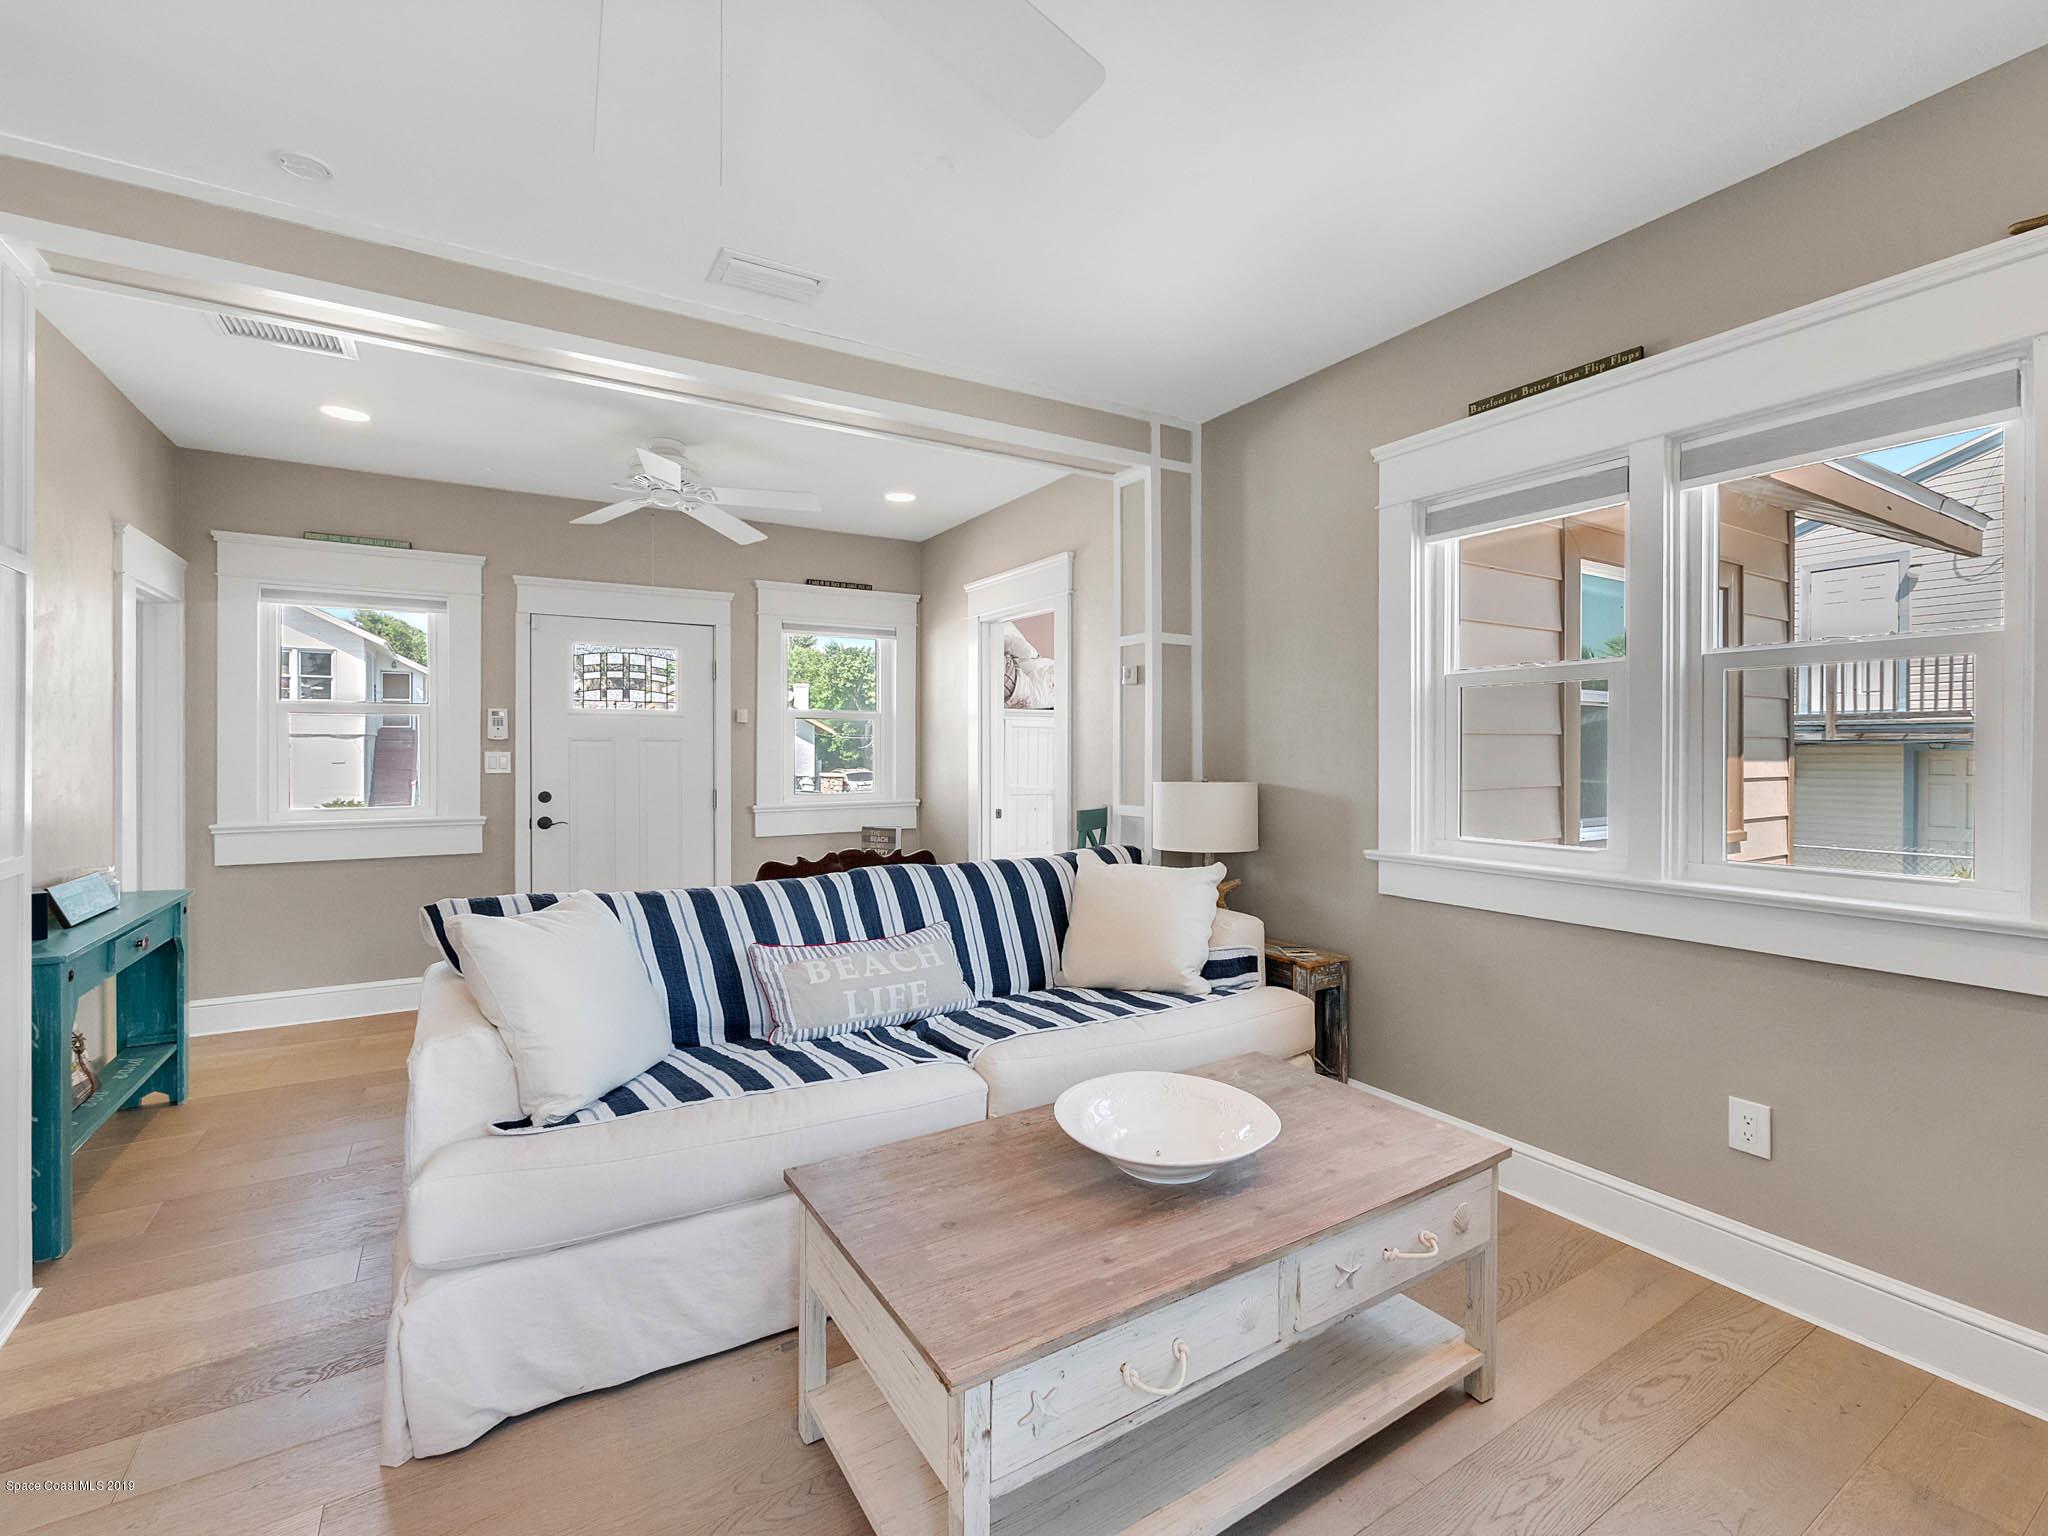 Частный односемейный дом для того Продажа на 602 Vermont 602 Vermont Daytona Beach, Флорида 32118 Соединенные Штаты